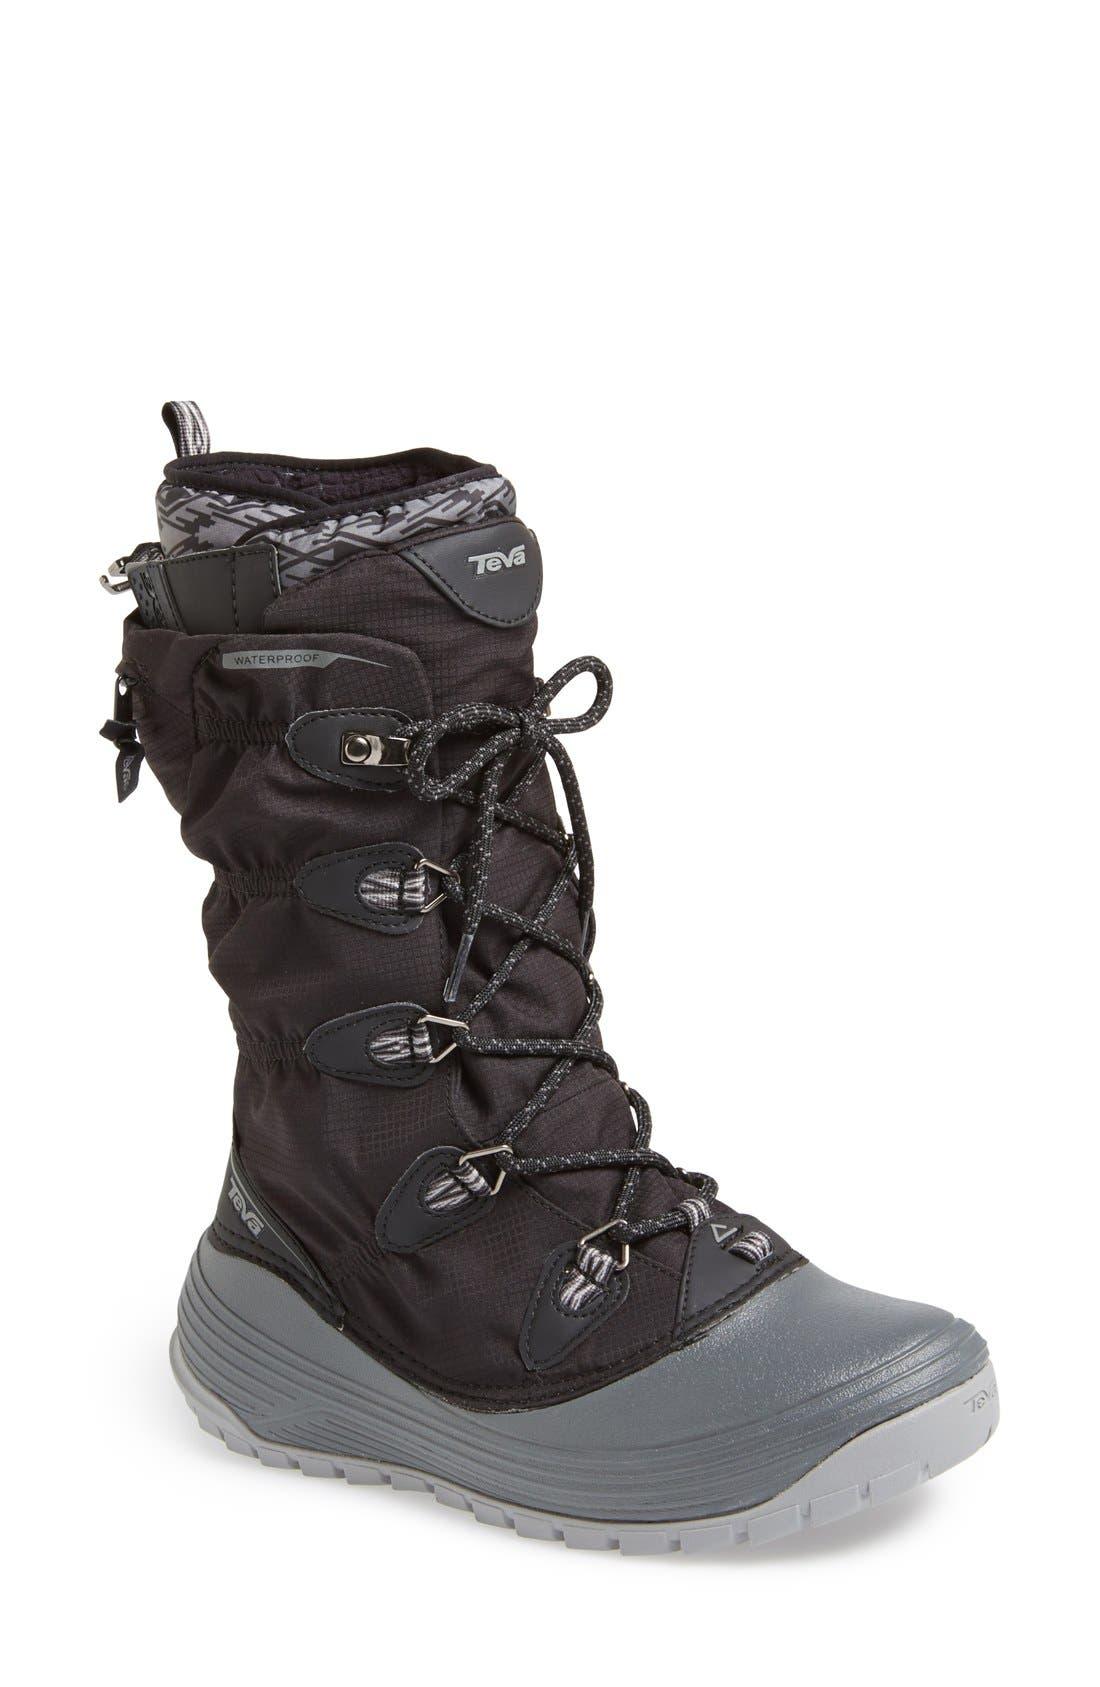 Main Image - Teva 'Jordanelle' Boot (Women)